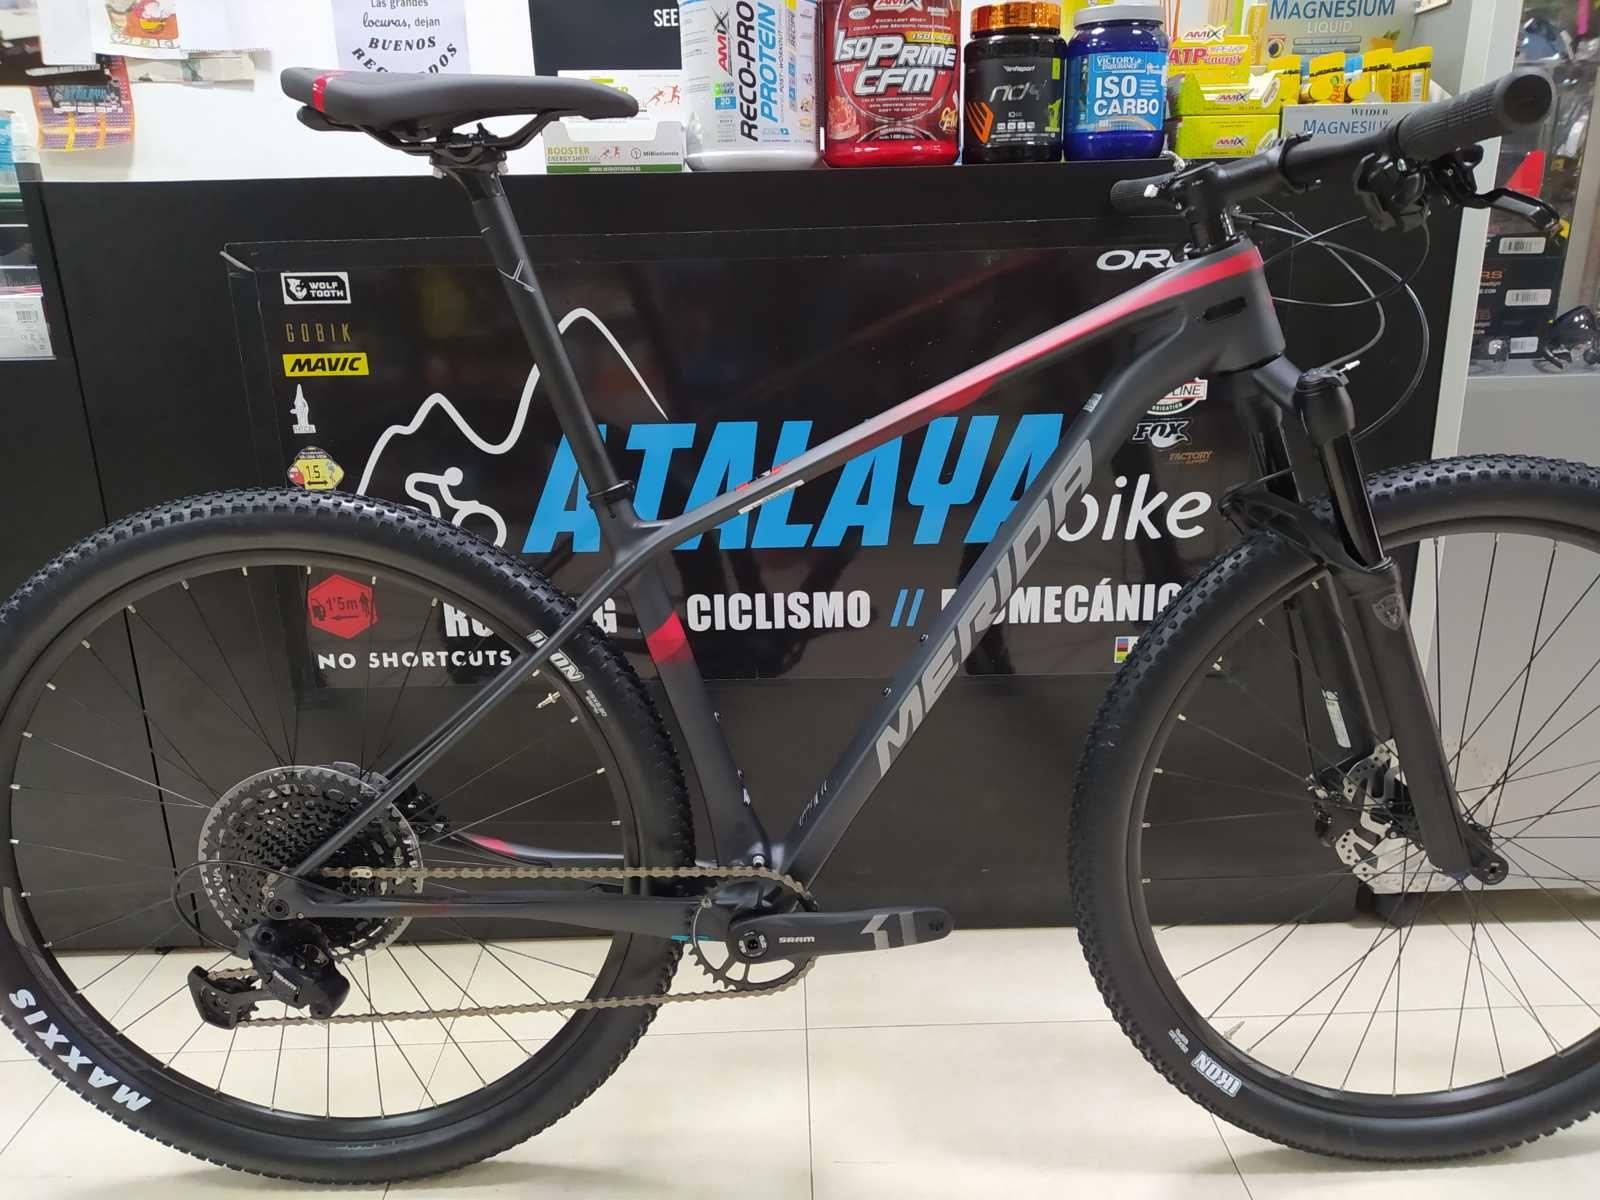 Bicicleta Merida Big Nine En Talla M 56059 Categoría Bicicletas De Montaña Año 2020 Cambio Sram Sx Eagle Bicicletas Merida Bicicletas Bicicletas Mtb